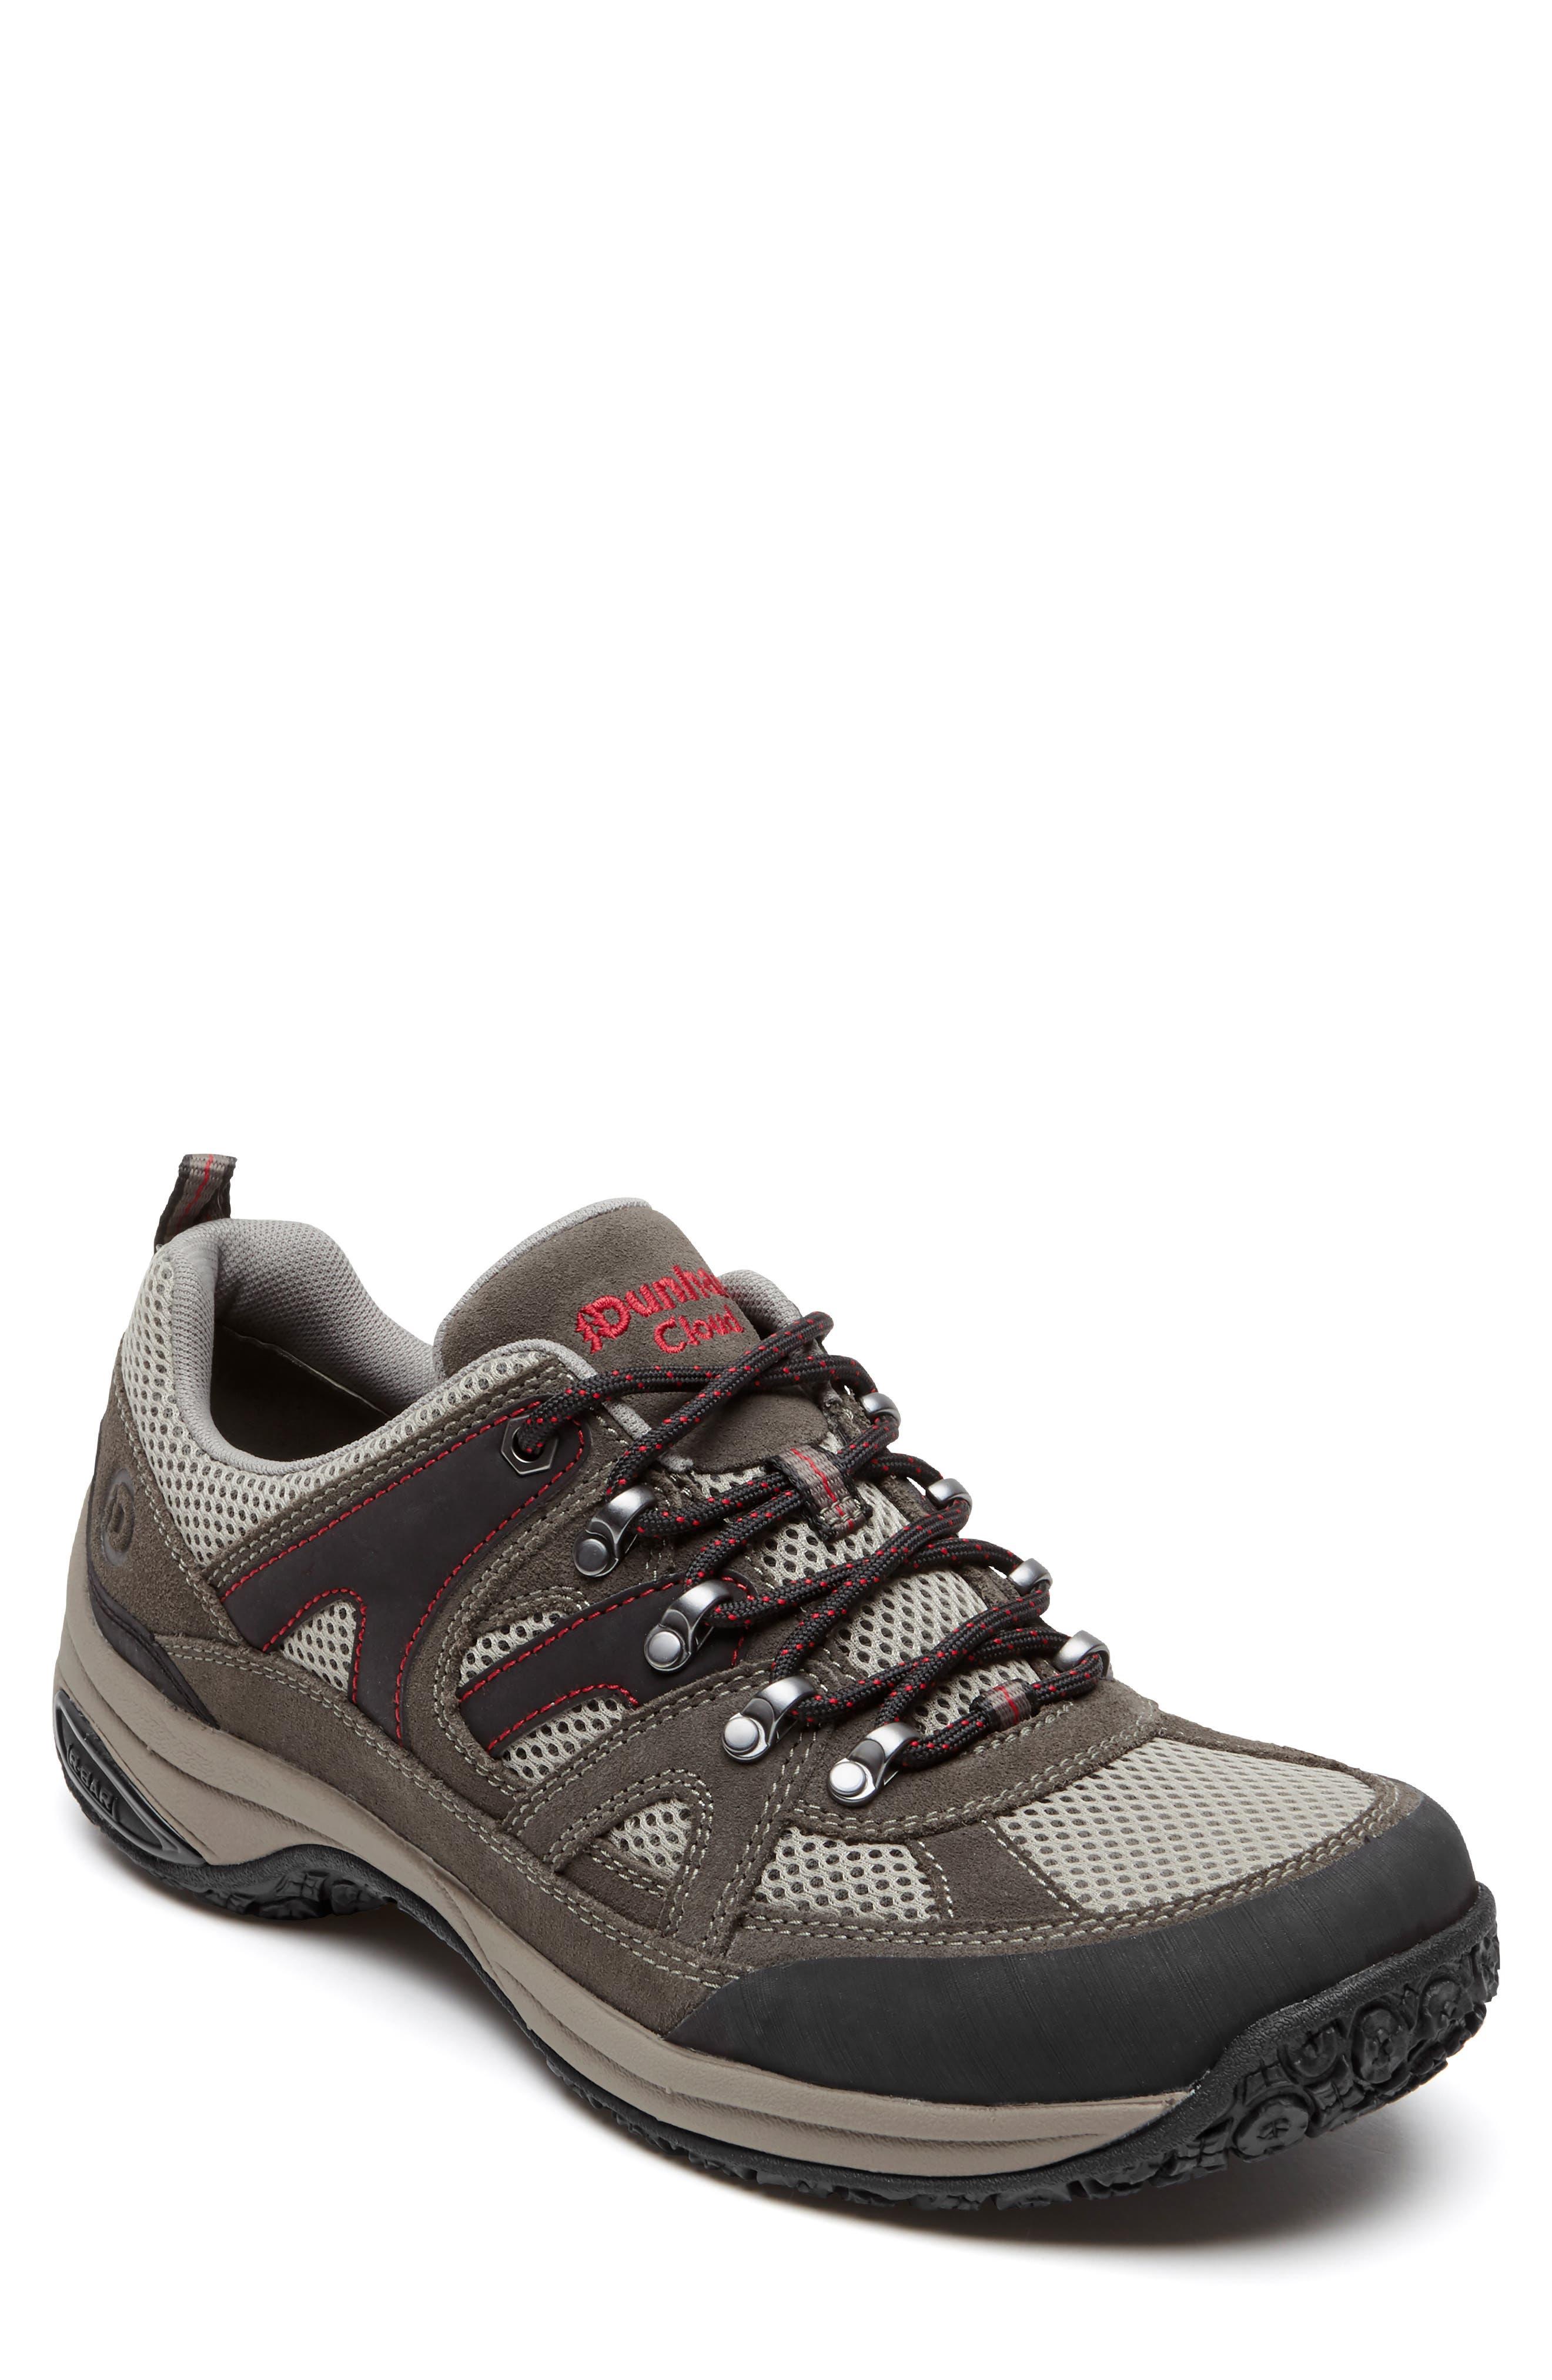 Dunham Cloud Cool Sneaker - Beige